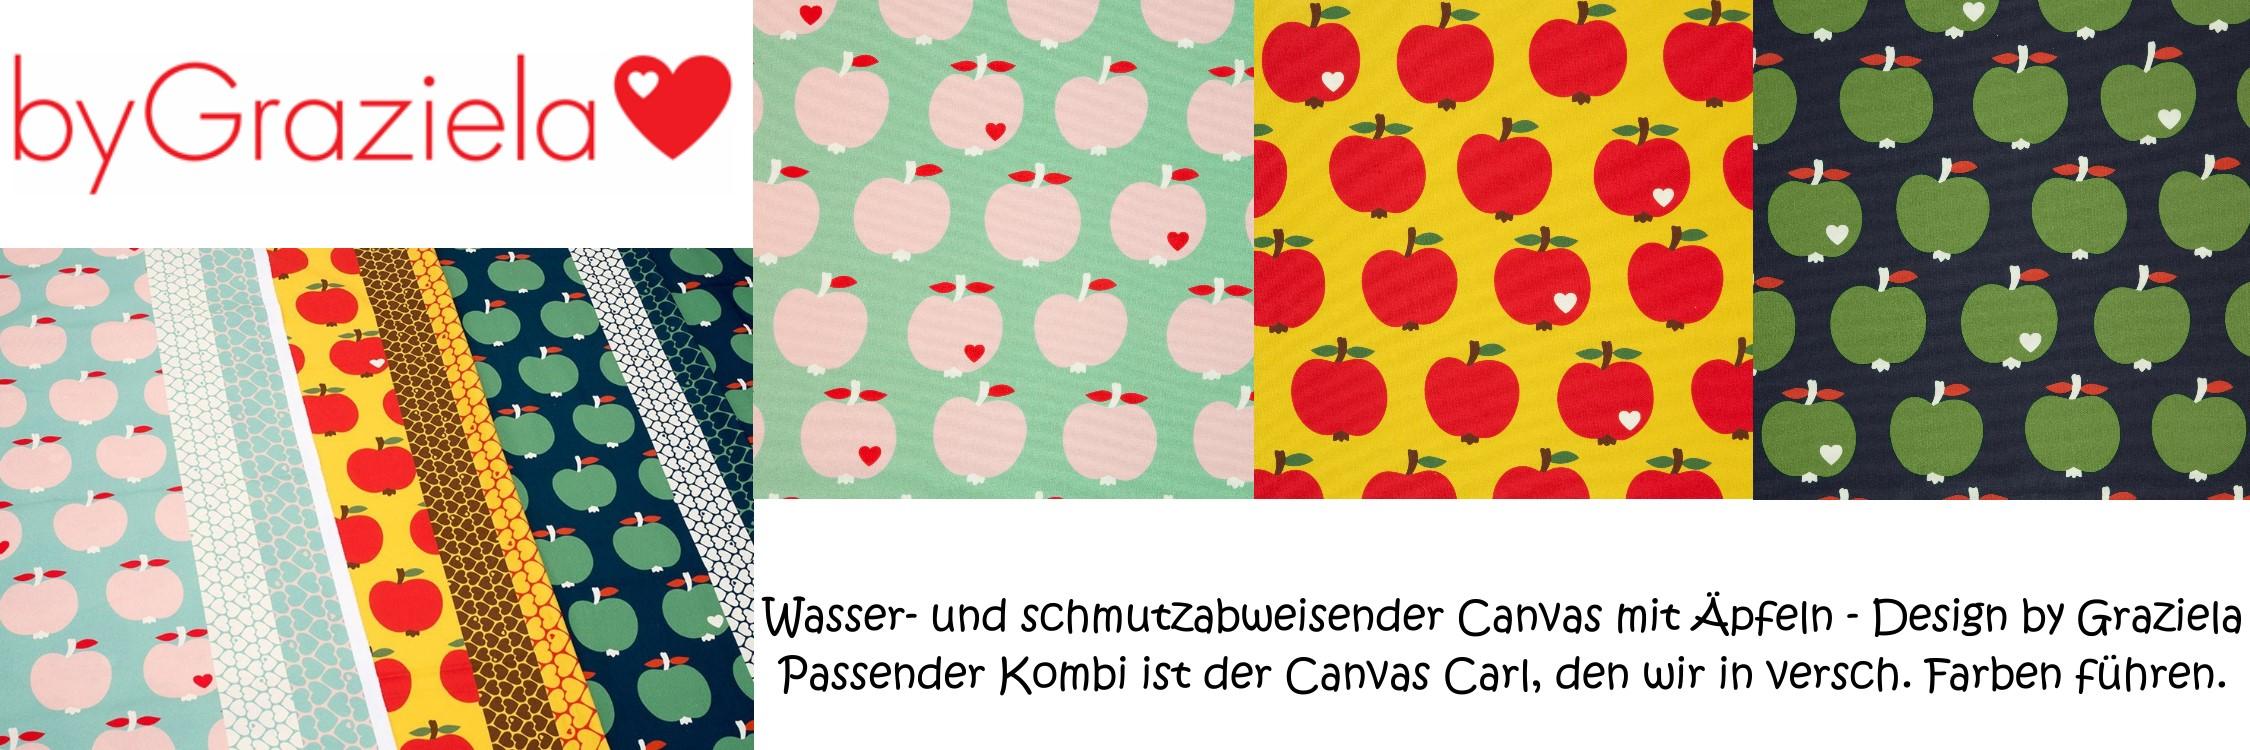 Apfel Canvas von byGraziela - beschichtet als